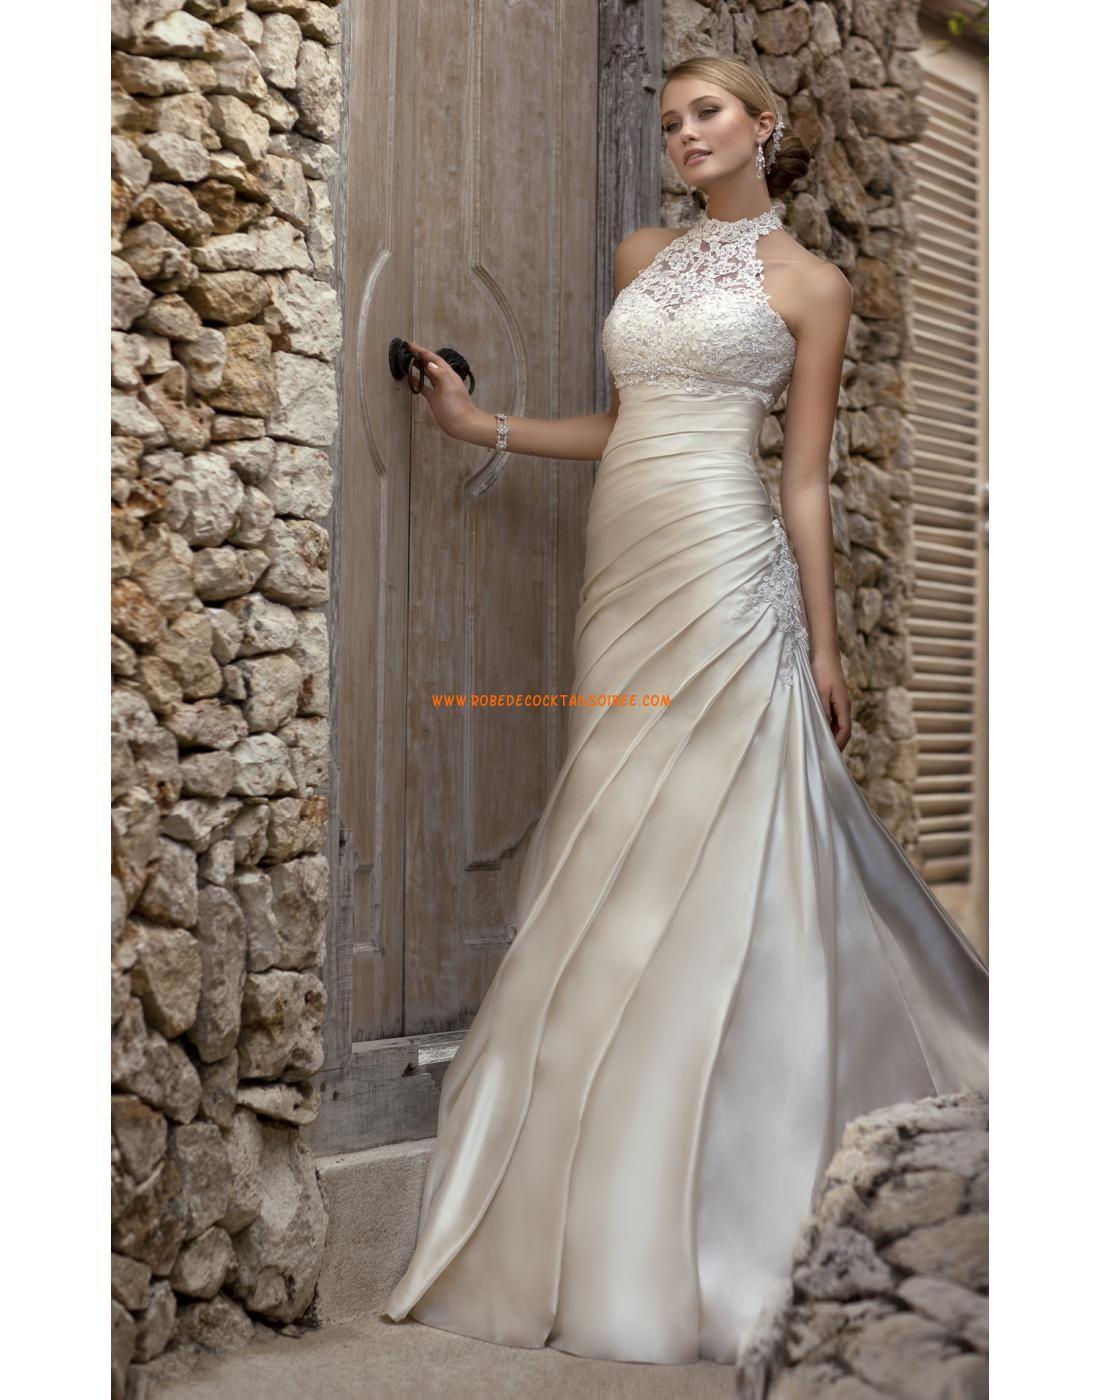 Robe de mariée satin drapé avec un col détachable tulle application